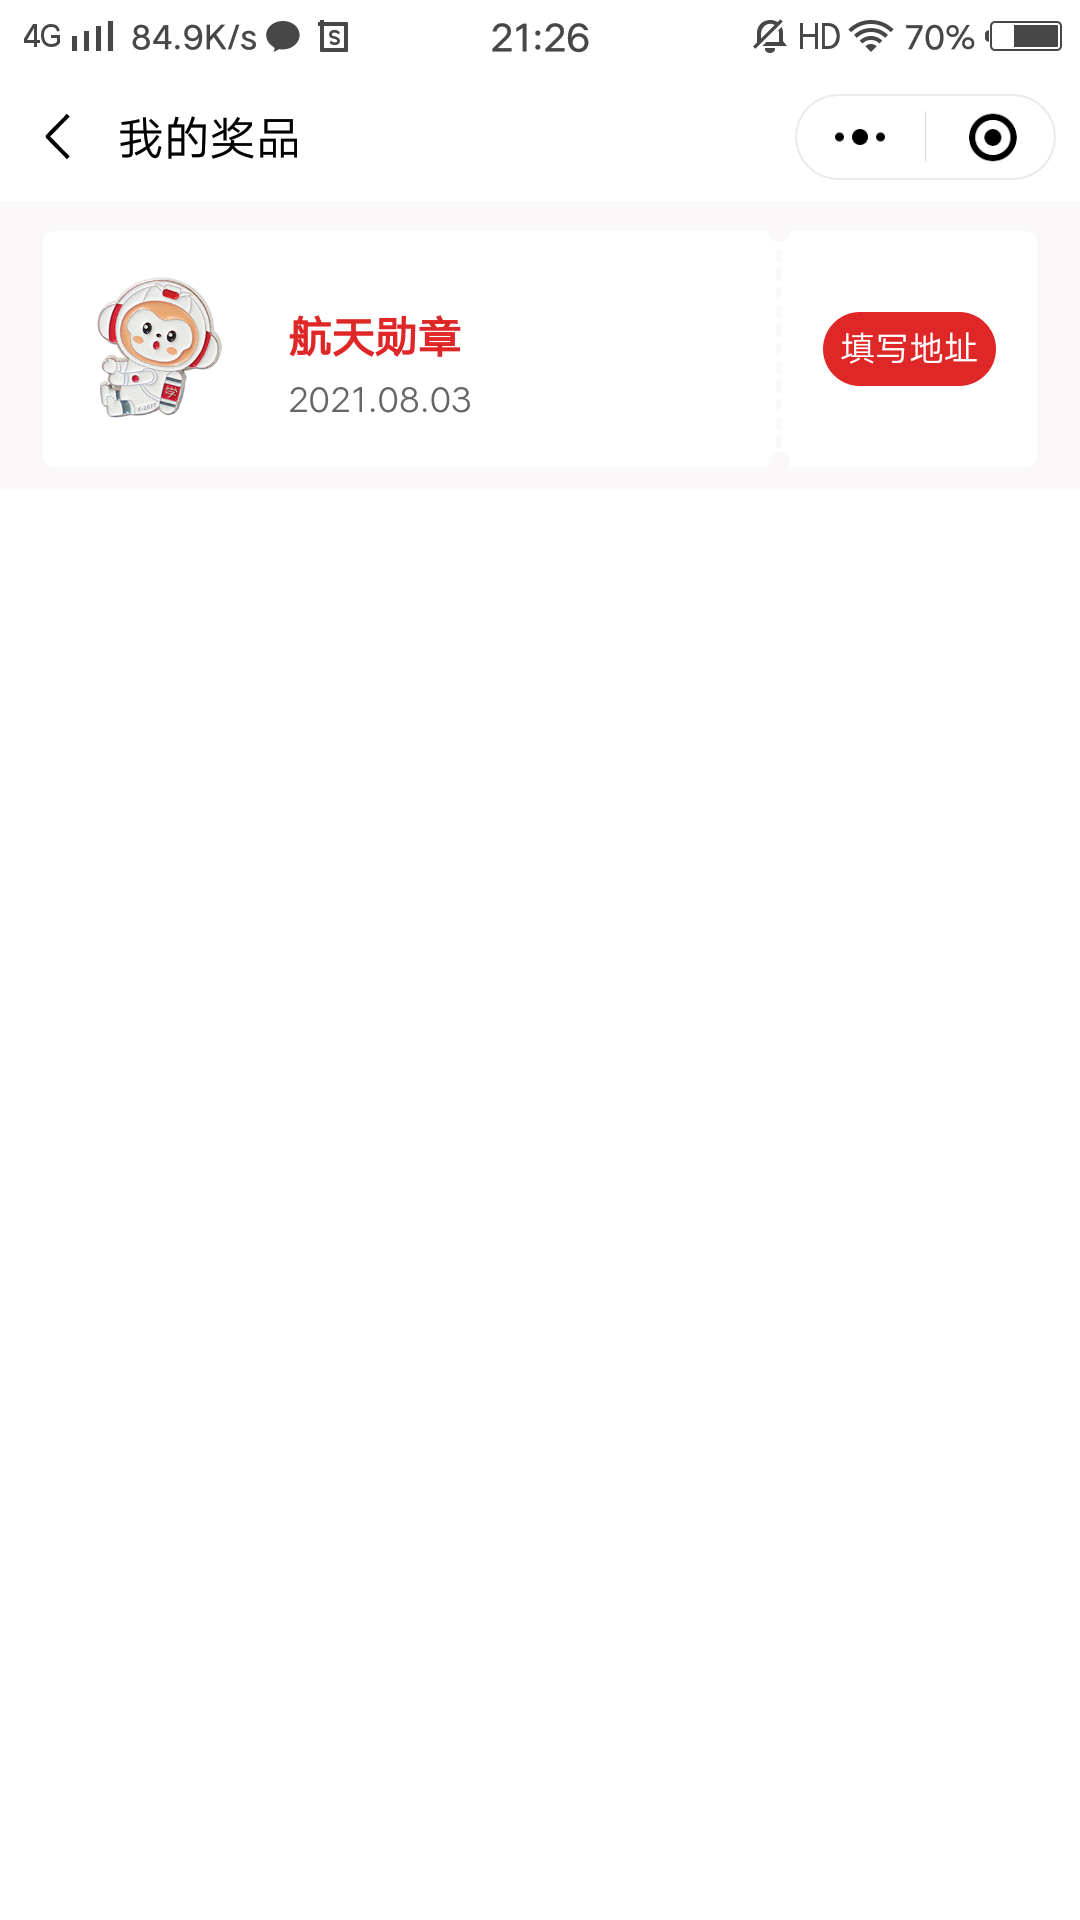 【实物区】学习网校精品课抽取实物插图4